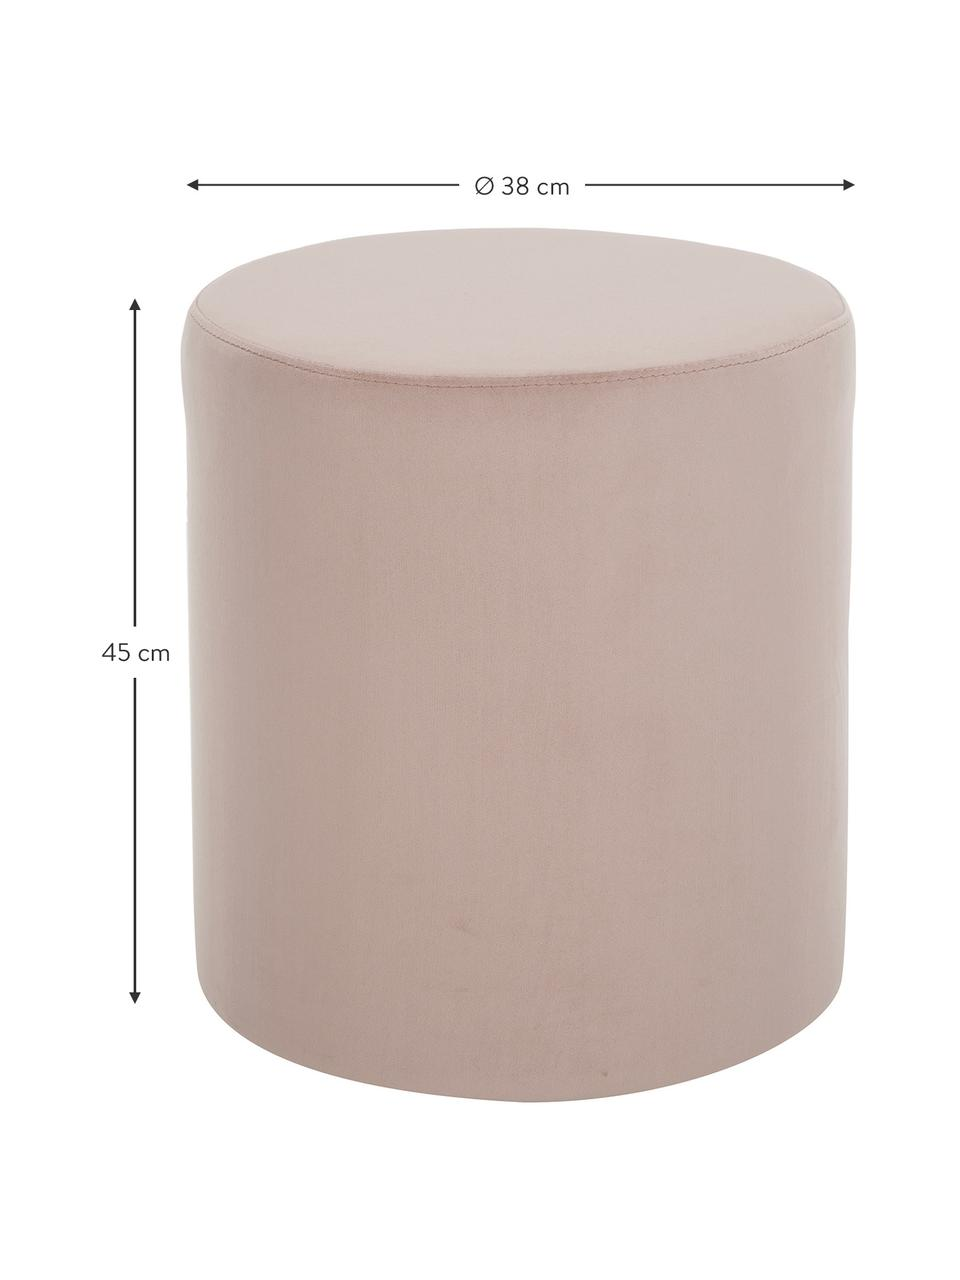 Samt-Hocker Daisy in Rosa, Bezug: Samt (Polyester) Der hoch, Rahmen: Sperrholz, Samt Rosa, Ø 38 x H 45 cm